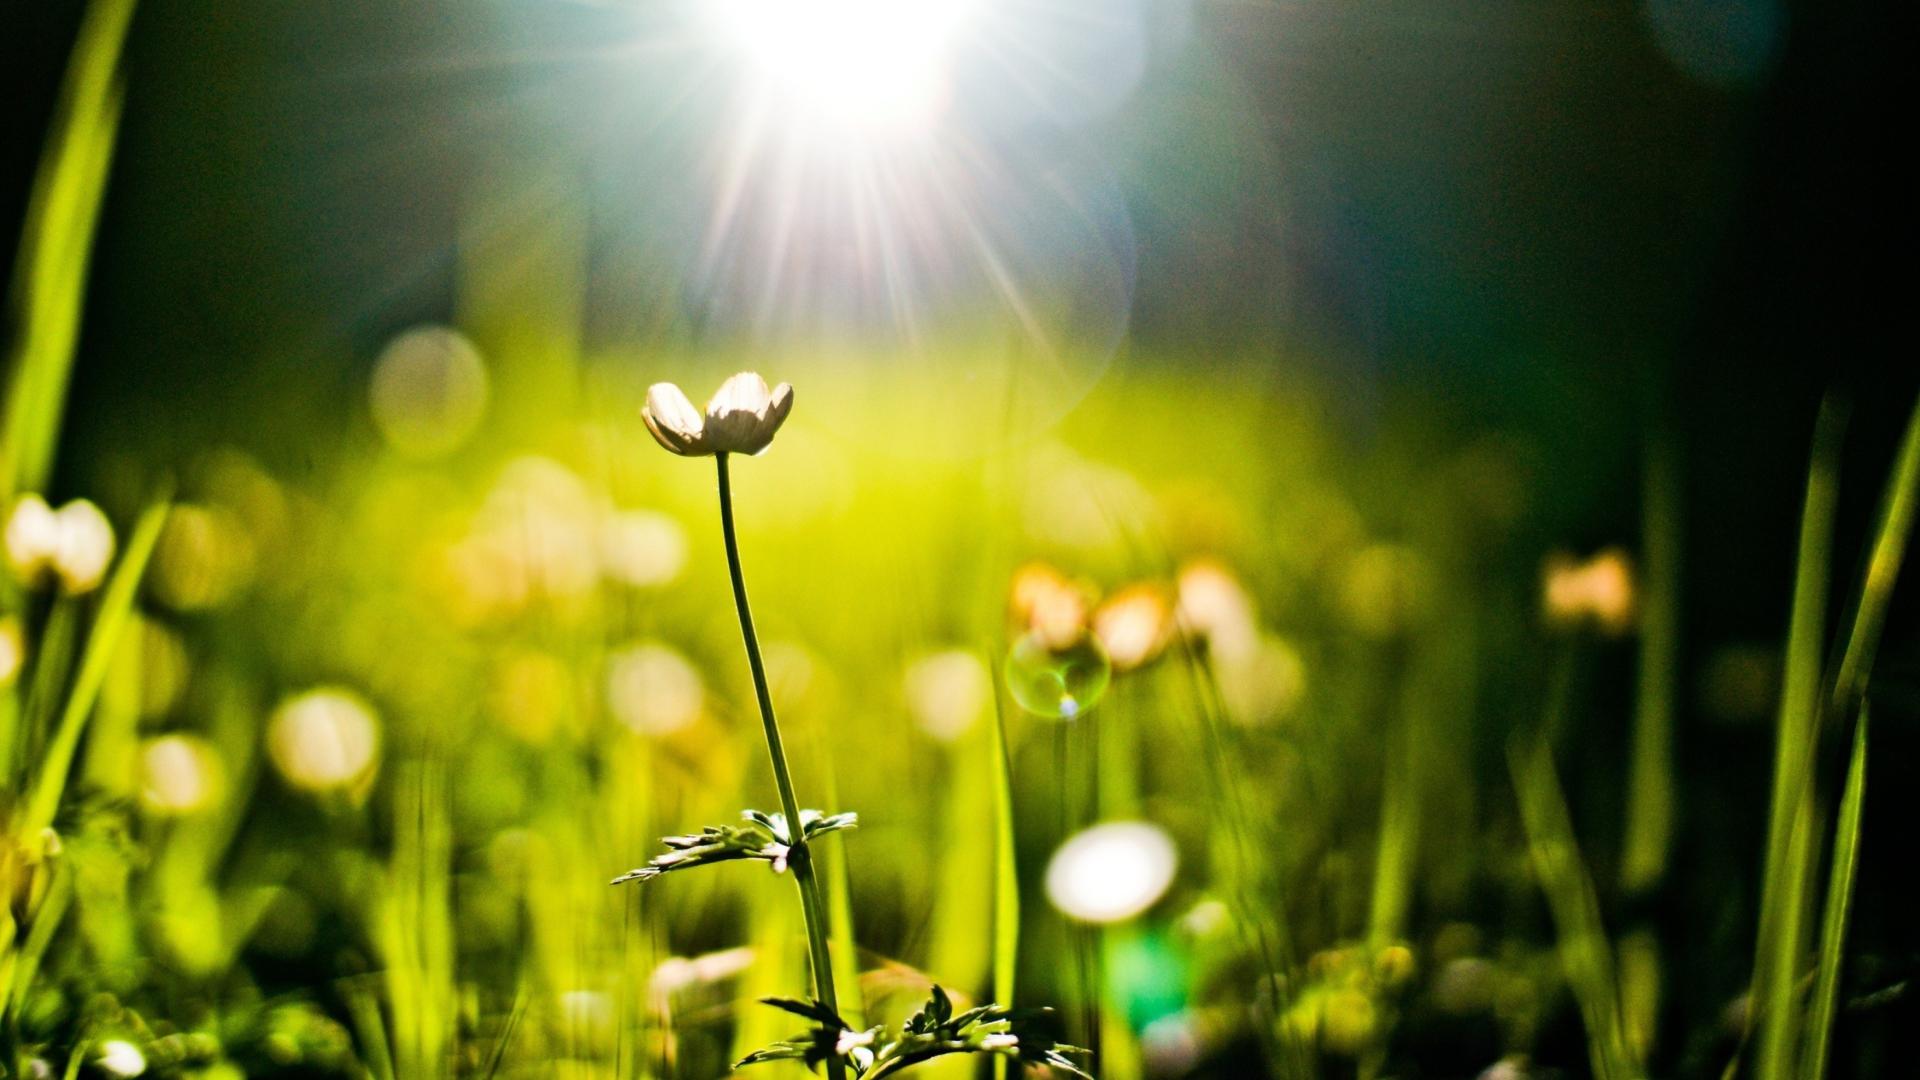 Зеленые растения в лучах солнца анонимно